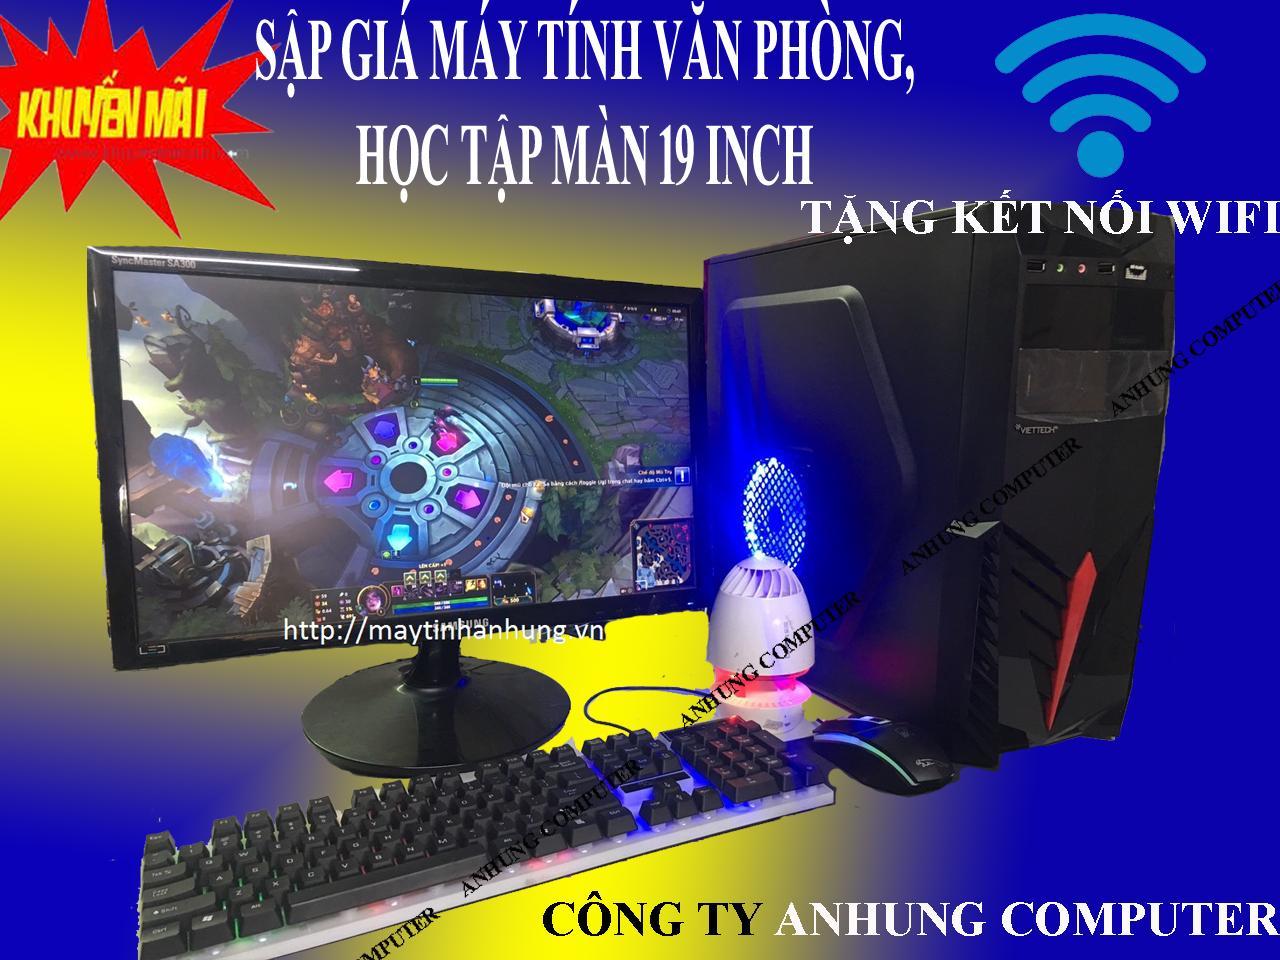 Bộ Máy Tính VĂN PHÒNG, HỌC TẬP, GAME Công Nghệ Mới 22nm Haswell H81 Bán Số Lượng Cho Dự án (Trọn Bộ Thùng Máy+ Màn 19(20) Inch + Phím Chuột + Usb Wifi) Đang Ưu Đãi Cực Đã